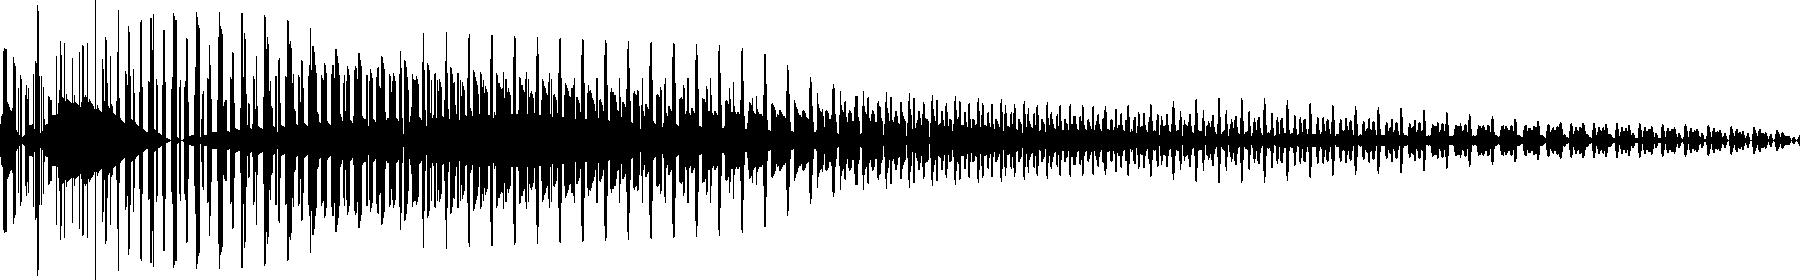 veh2 synths   110 c